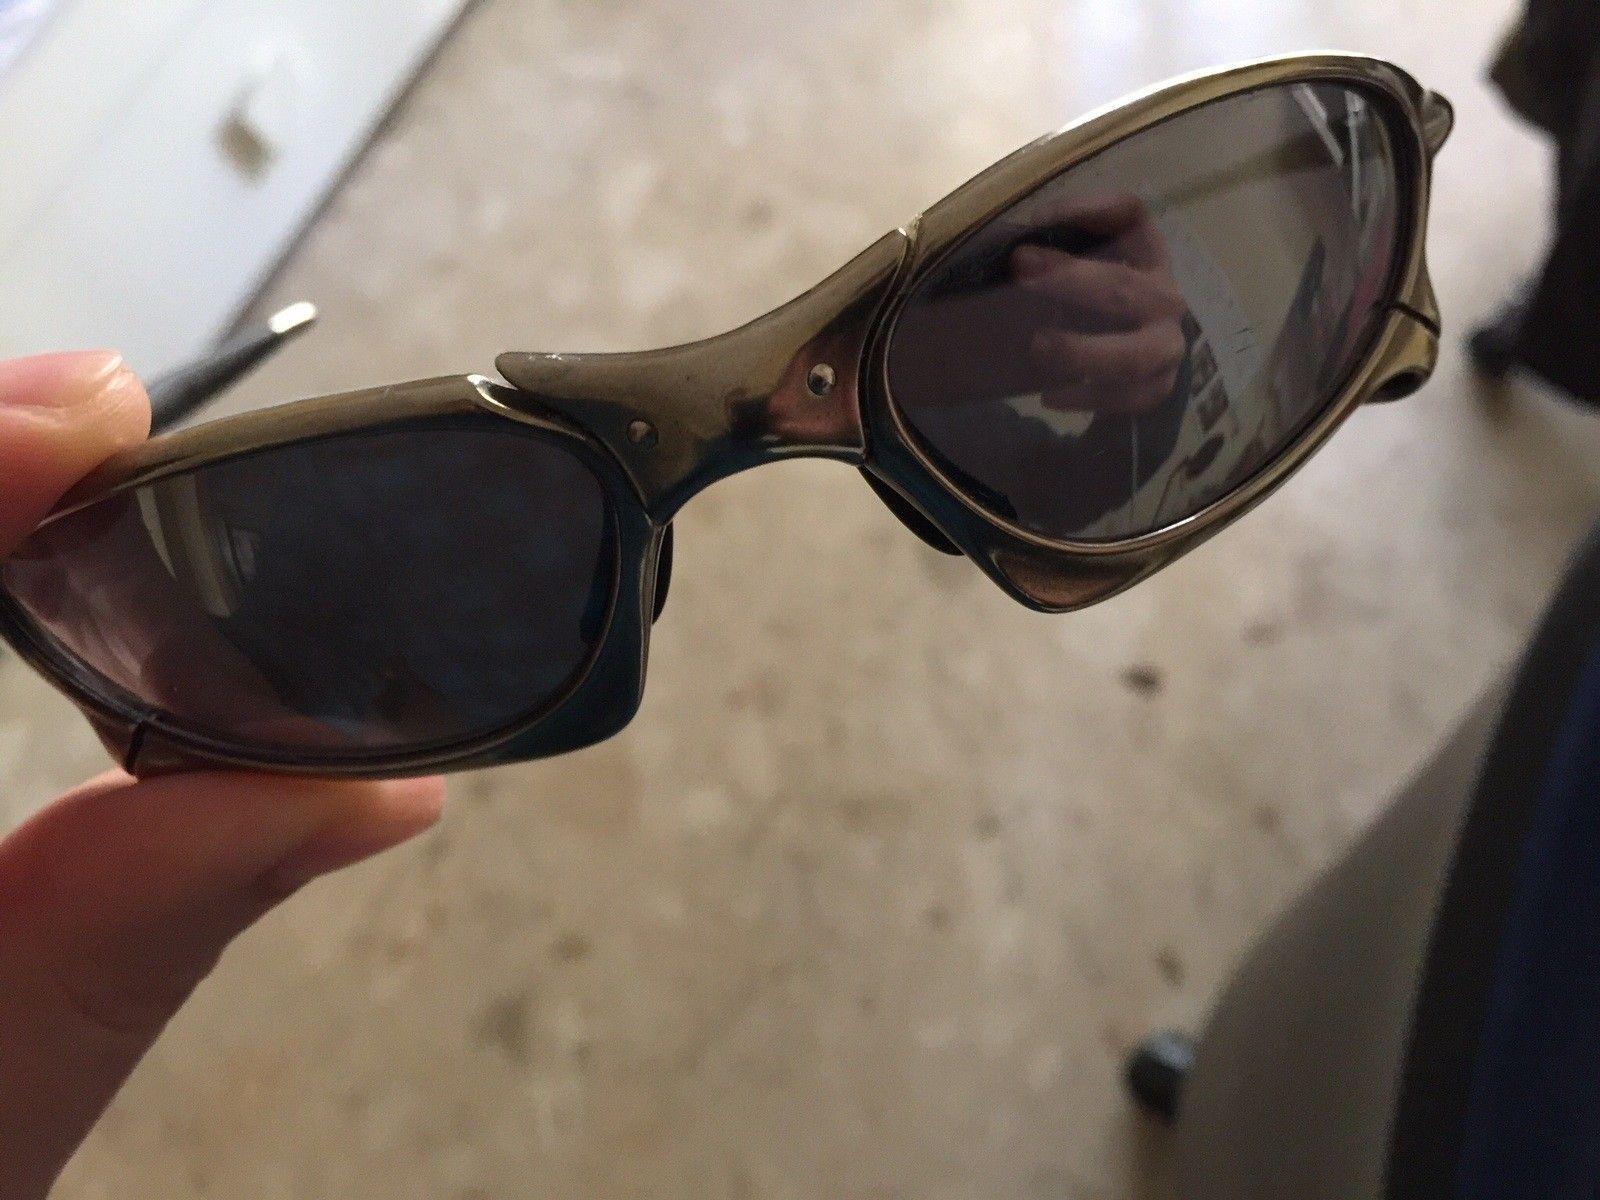 How to fix an Oakley Penny Broken Nosebridge? - image.jpg